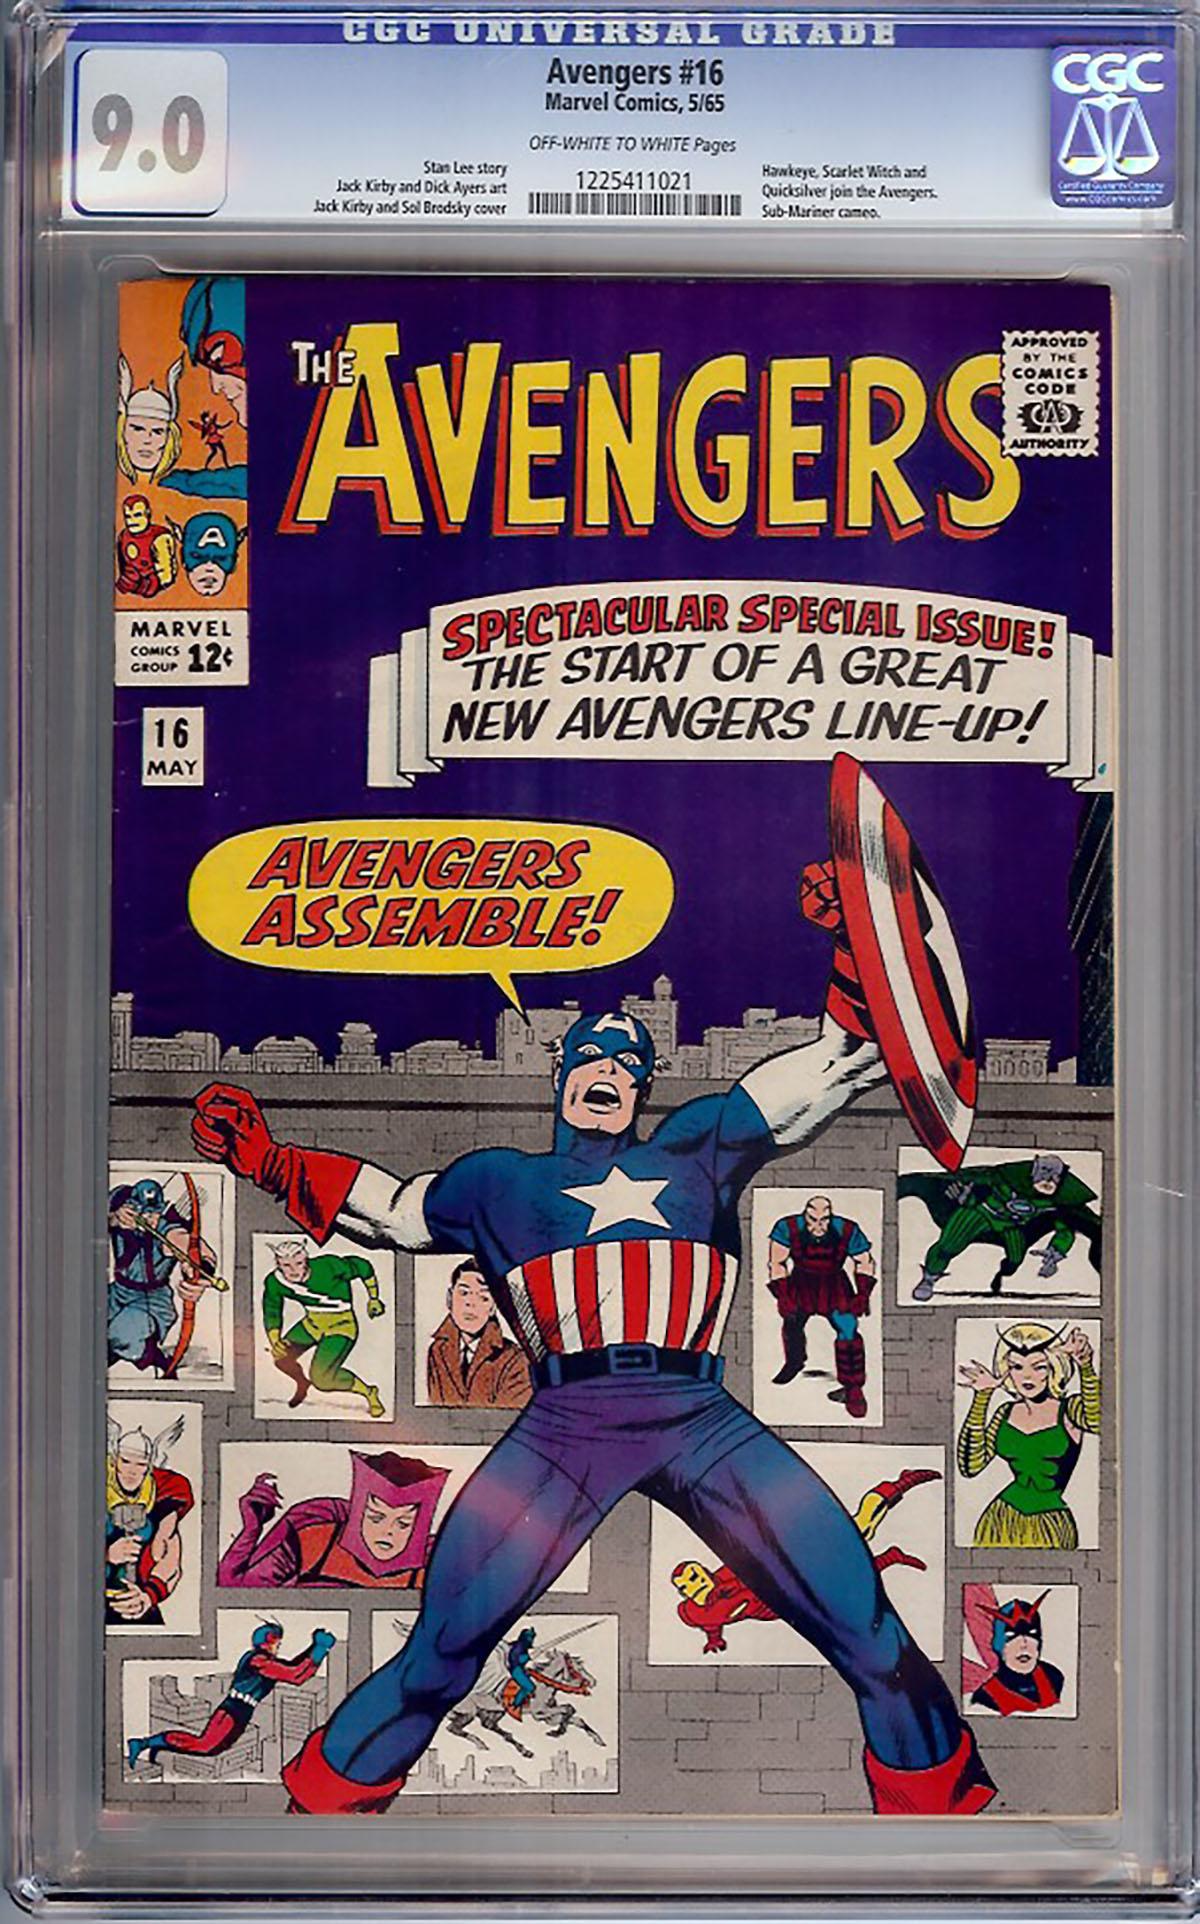 Avengers #16 CGC 9.0 ow/w